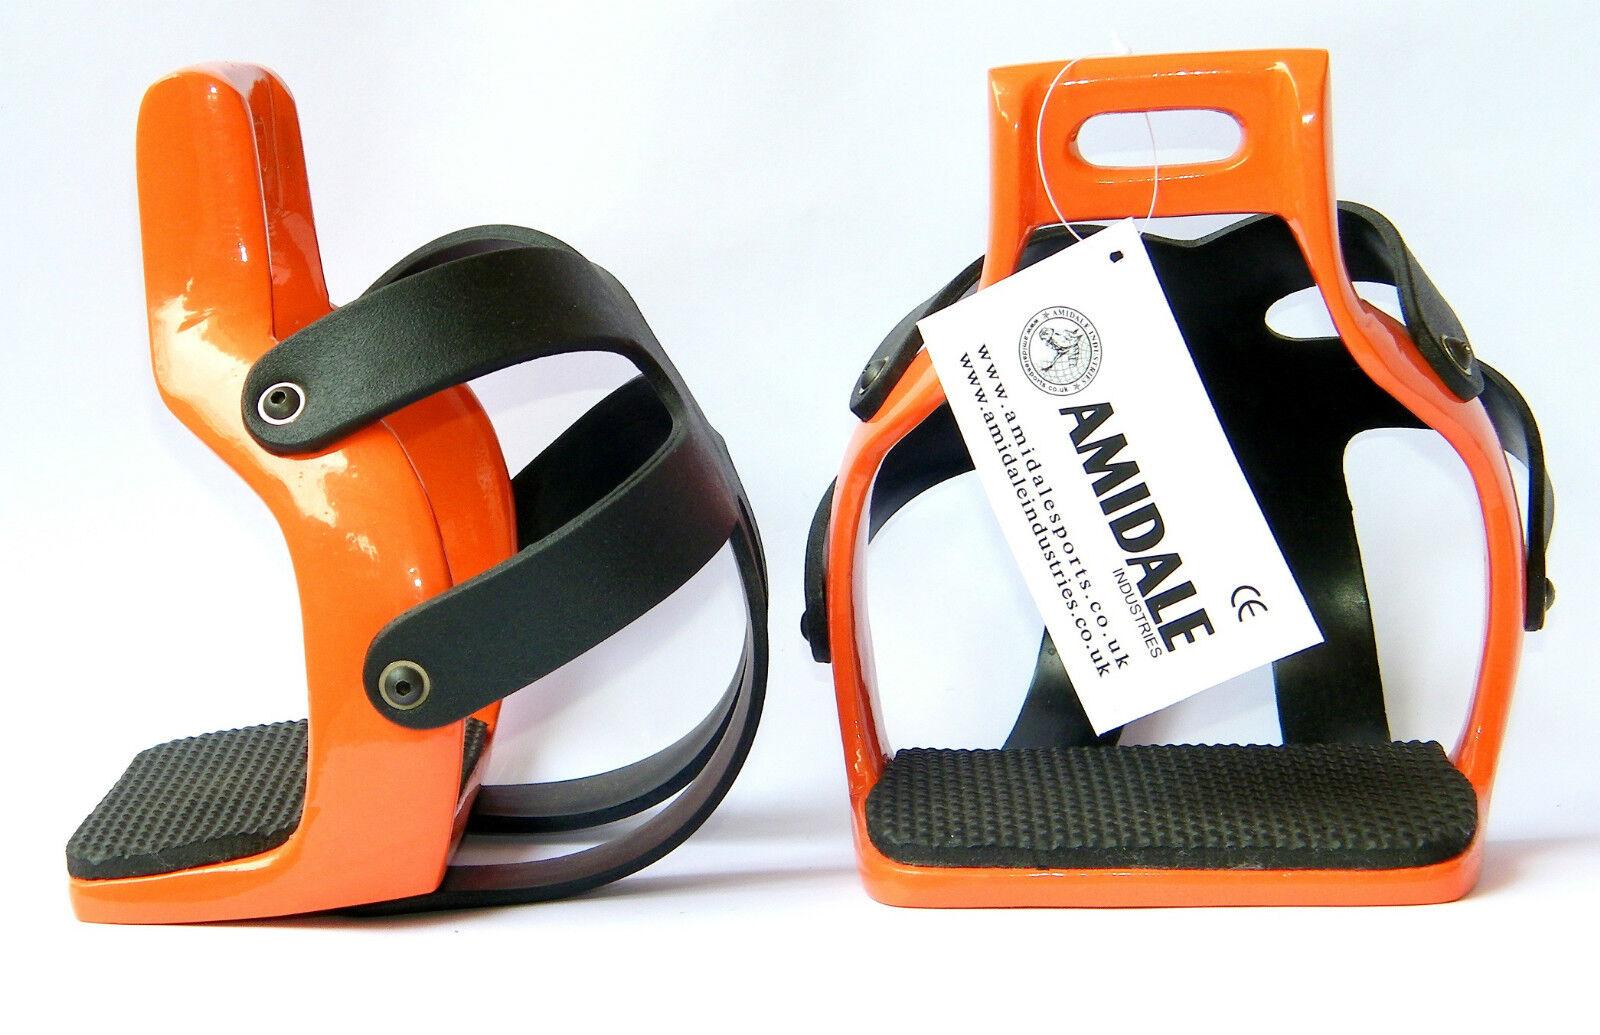 AMIDALE ALUMINIUM ENDURANCE FLEX RIDE CAGED SAFETY HORSE STIRRUPS orange COLOR